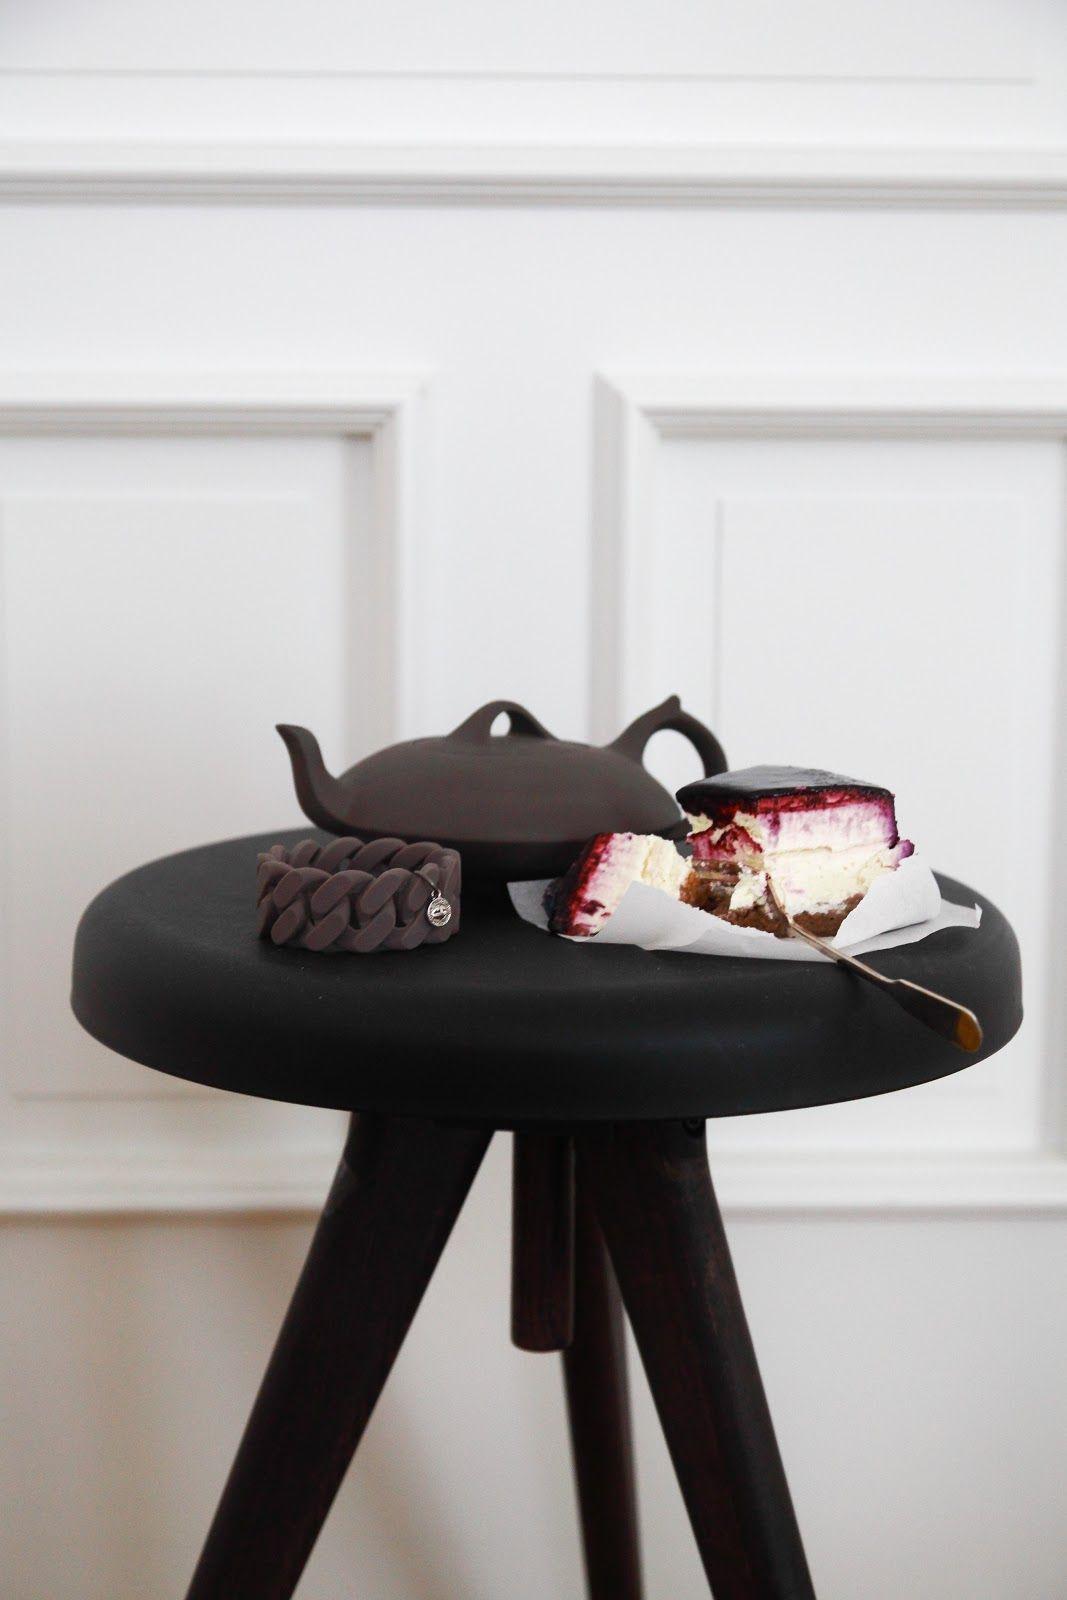 Best Cheesecake + Heidelbeer Topping